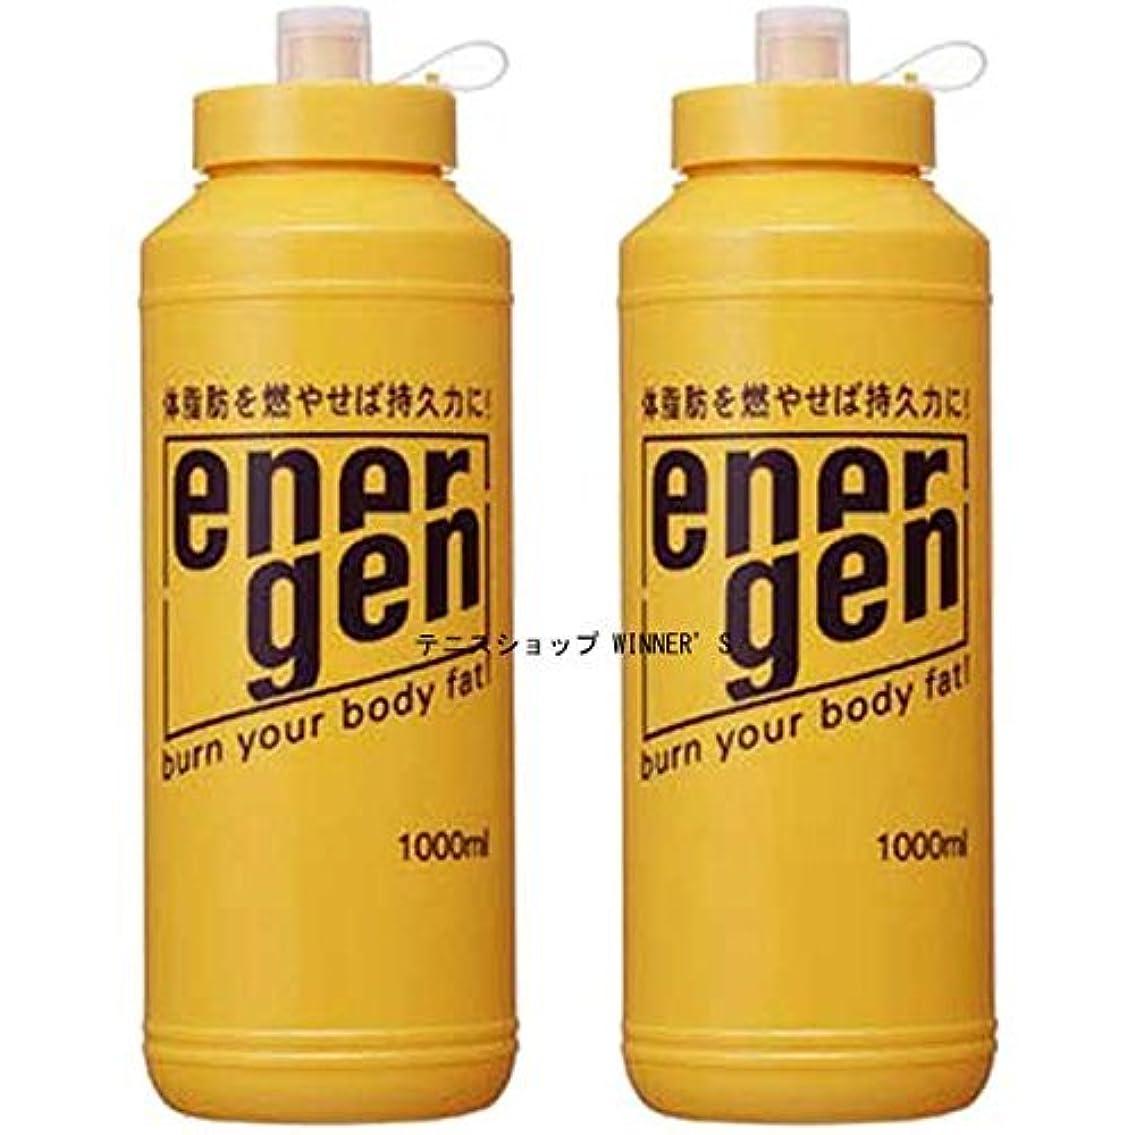 偏差社会主義者更新大塚製薬 エネルゲン スクイズボトル 1L用×2本 2本セット 55651-2SET